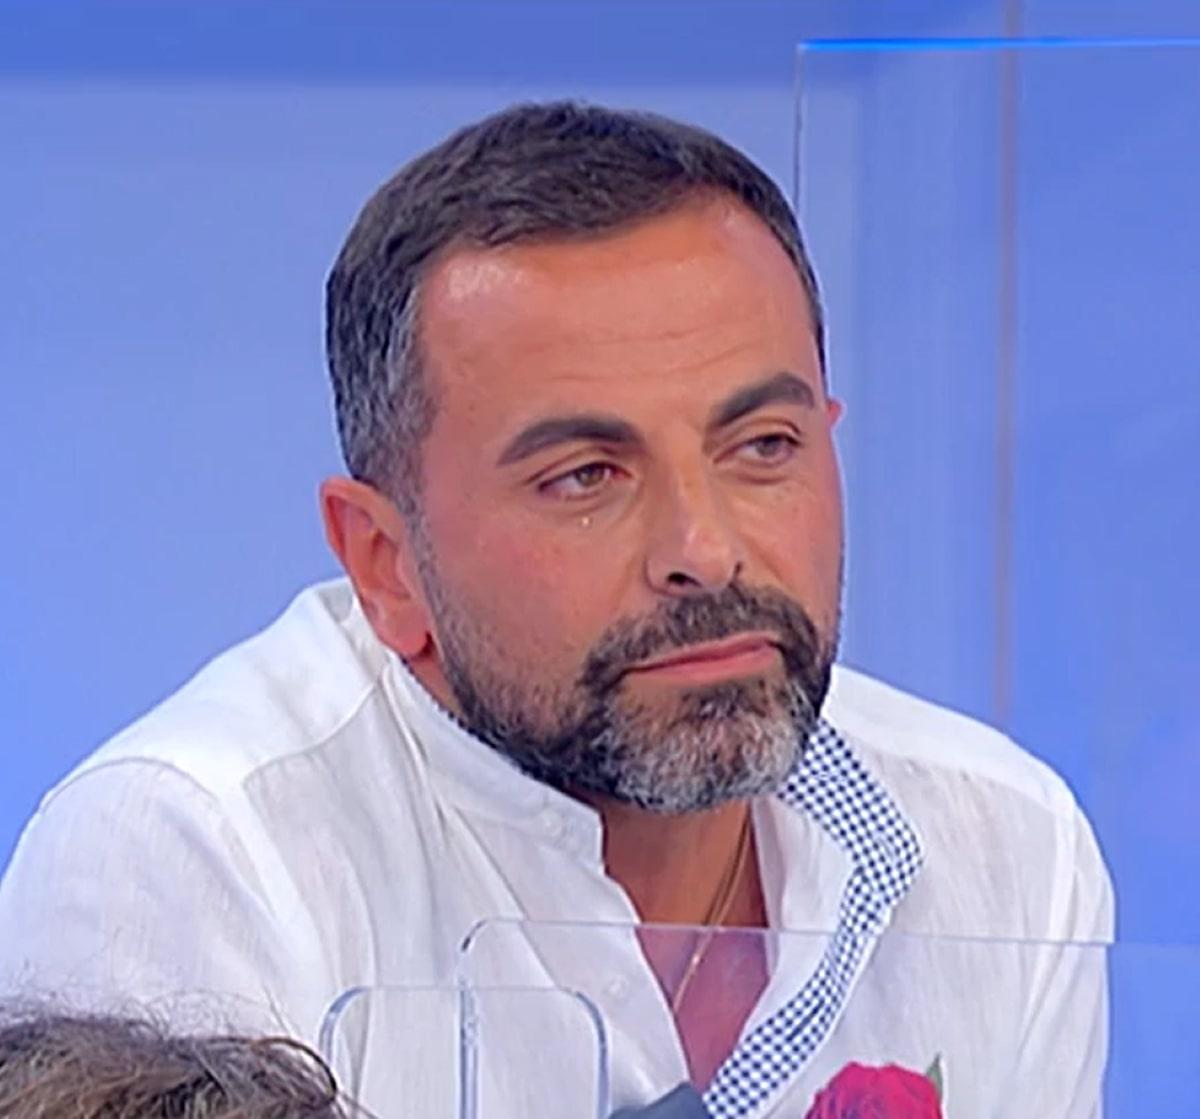 Ida Platano UeD Marcello Messina Fine Conoscenza